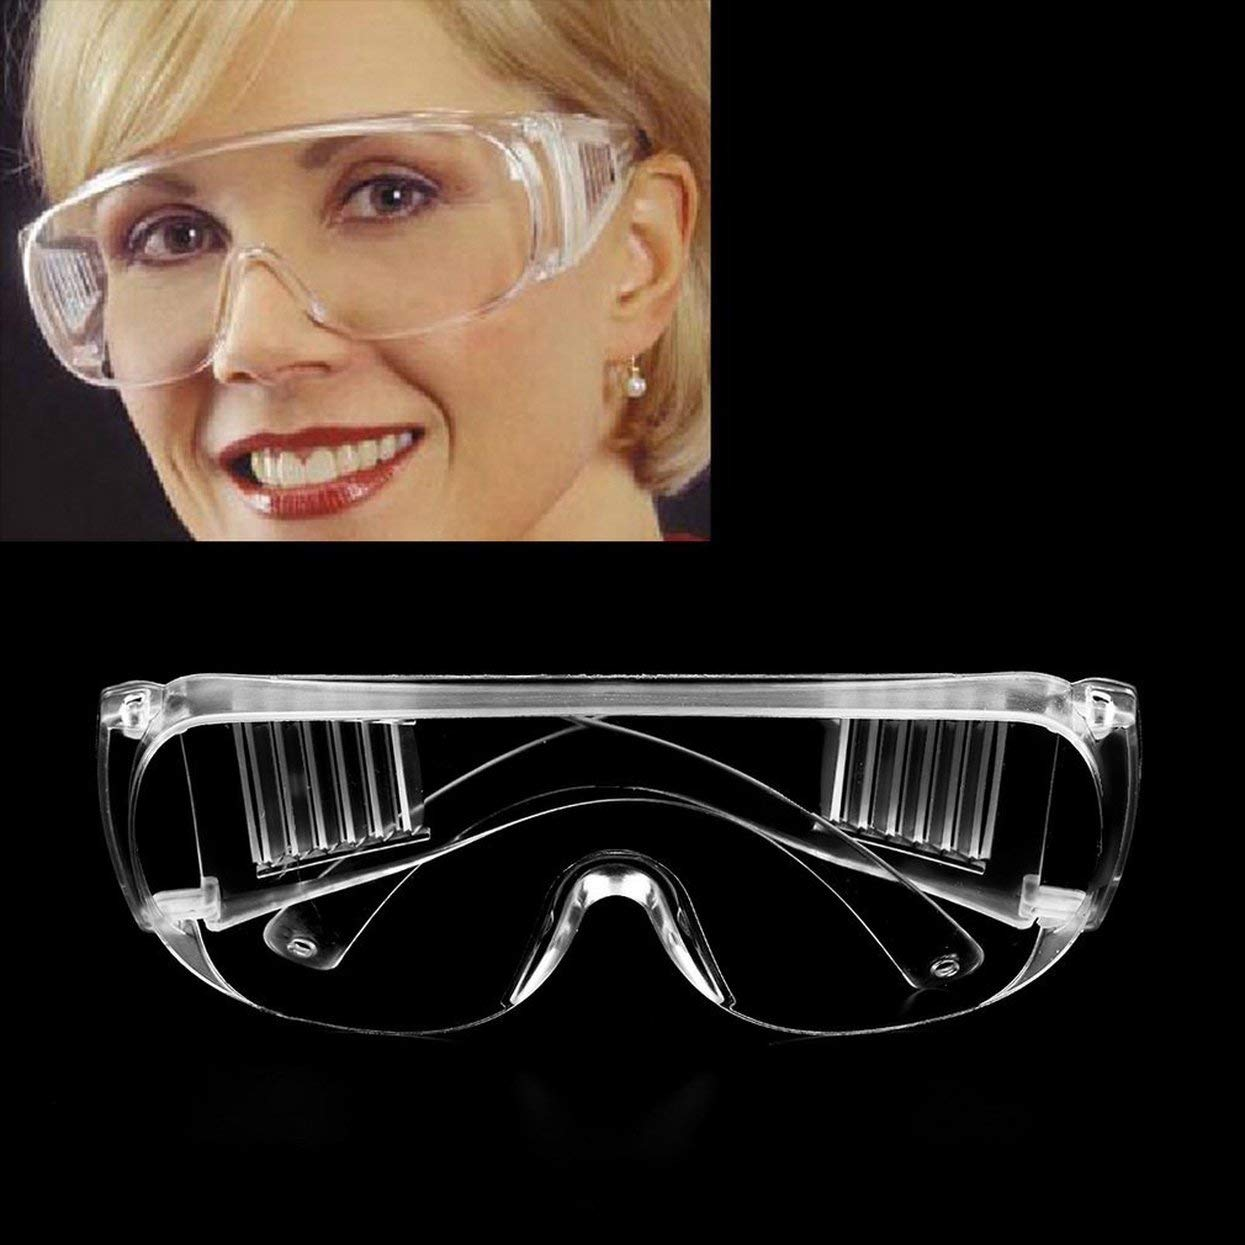 Tree-on-Life Gafas de Seguridad claras Lugar de Trabajo Ropa Protectora para los Ojos Mano de Obra Trabajar Gafas Protectoras Polvo del Viento Antivaho Uso m/édico Gafas